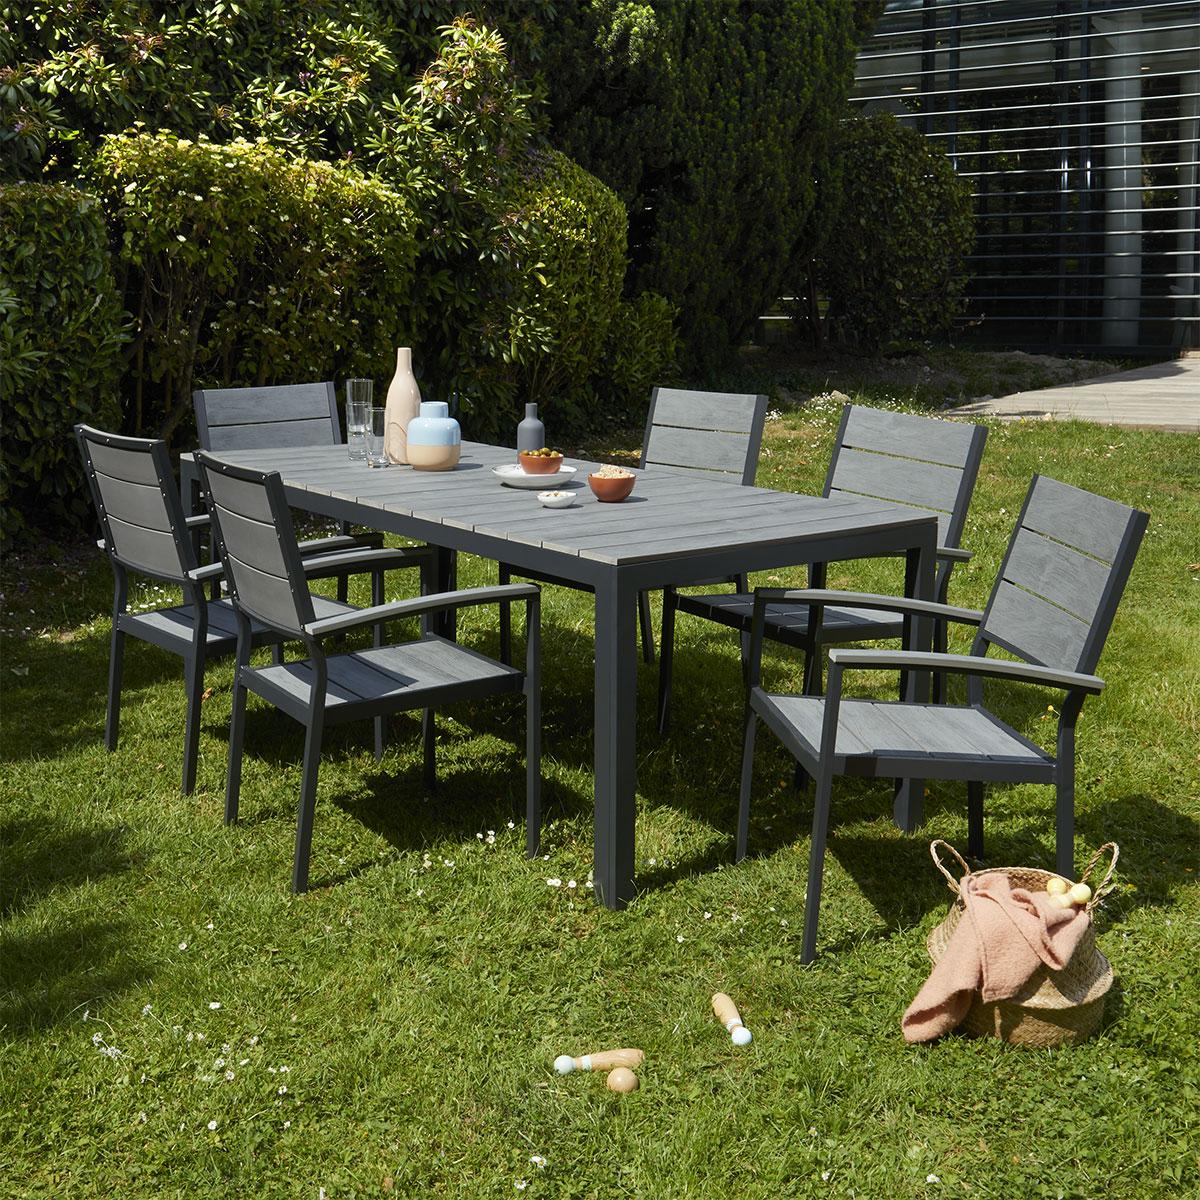 Salon de jardin en aluminium et polywood 6 places